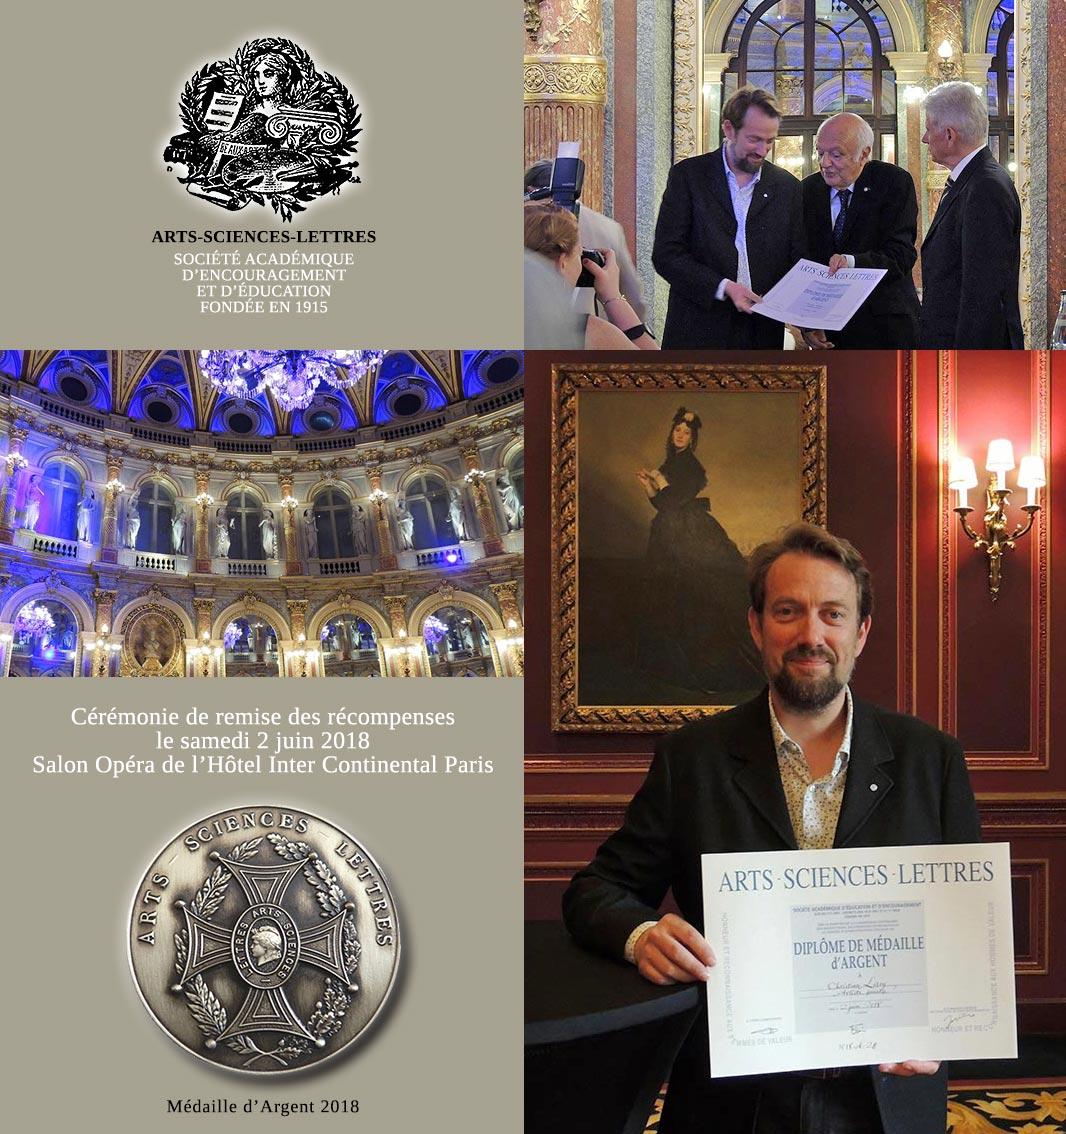 Christian Leroy - Médaille d'Argent - Arts-Sciences-Lettres